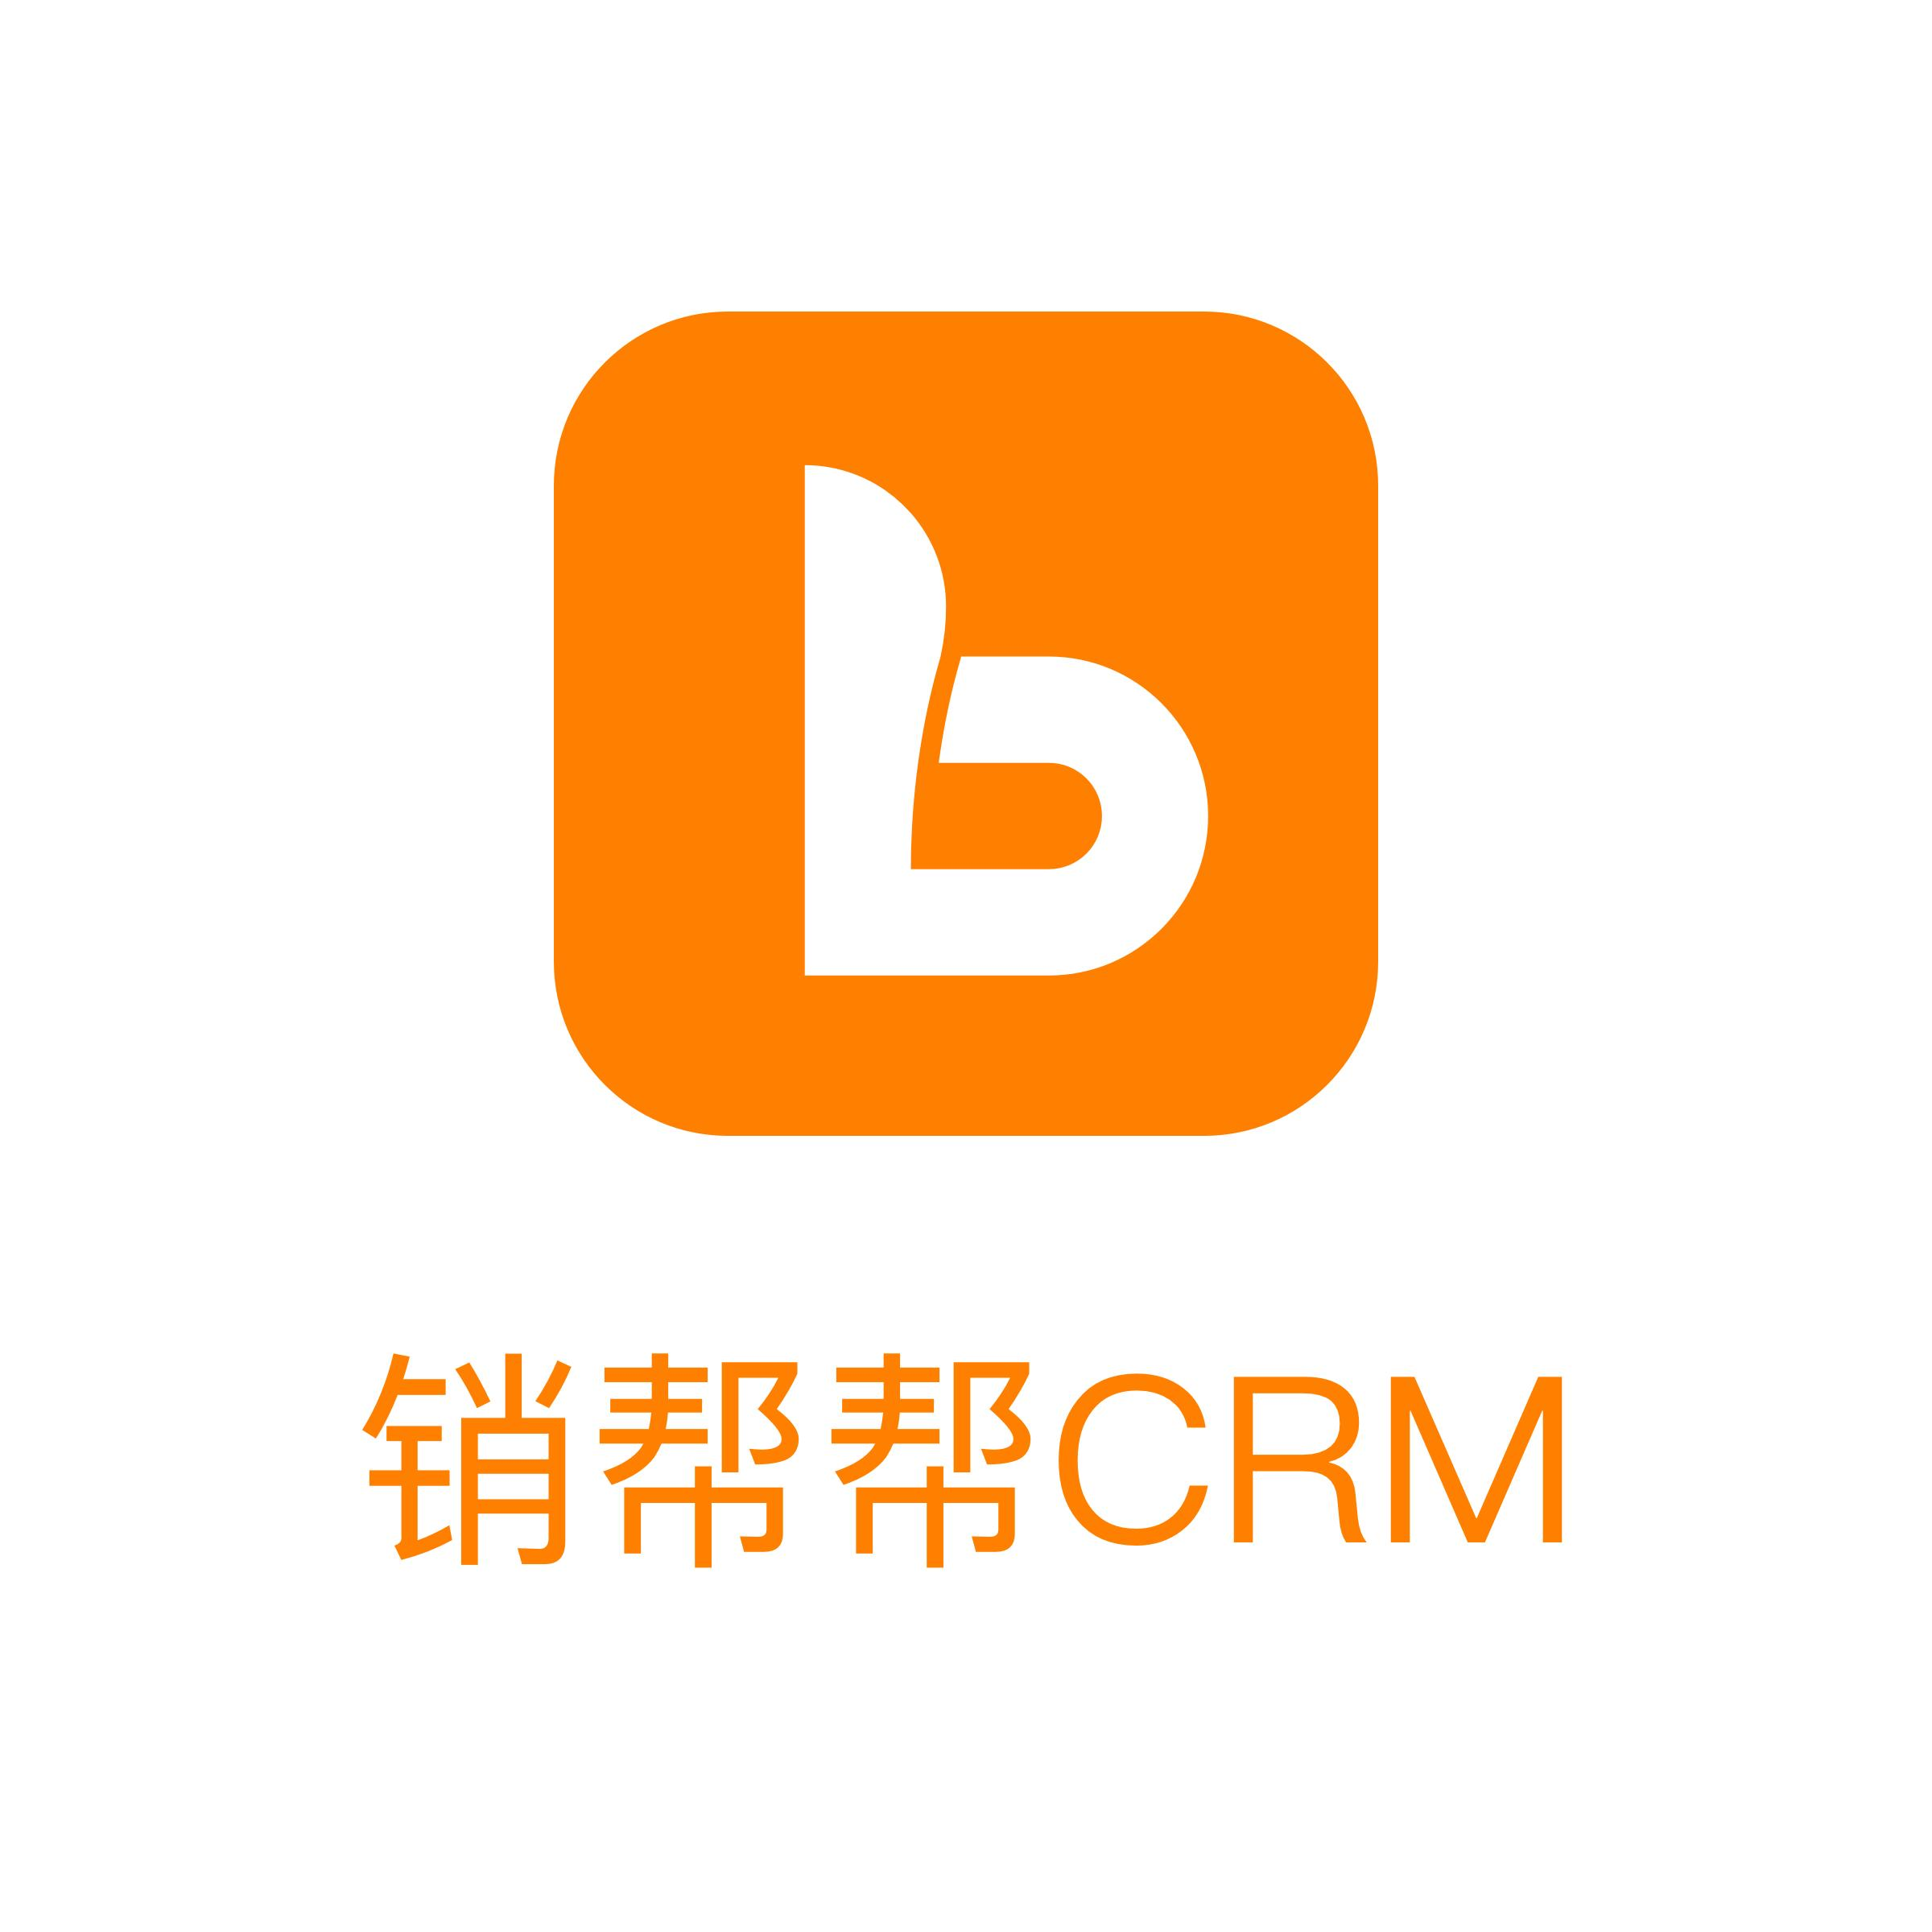 logo logo 标志 设计 矢量 矢量图 素材 图标 2400_2400